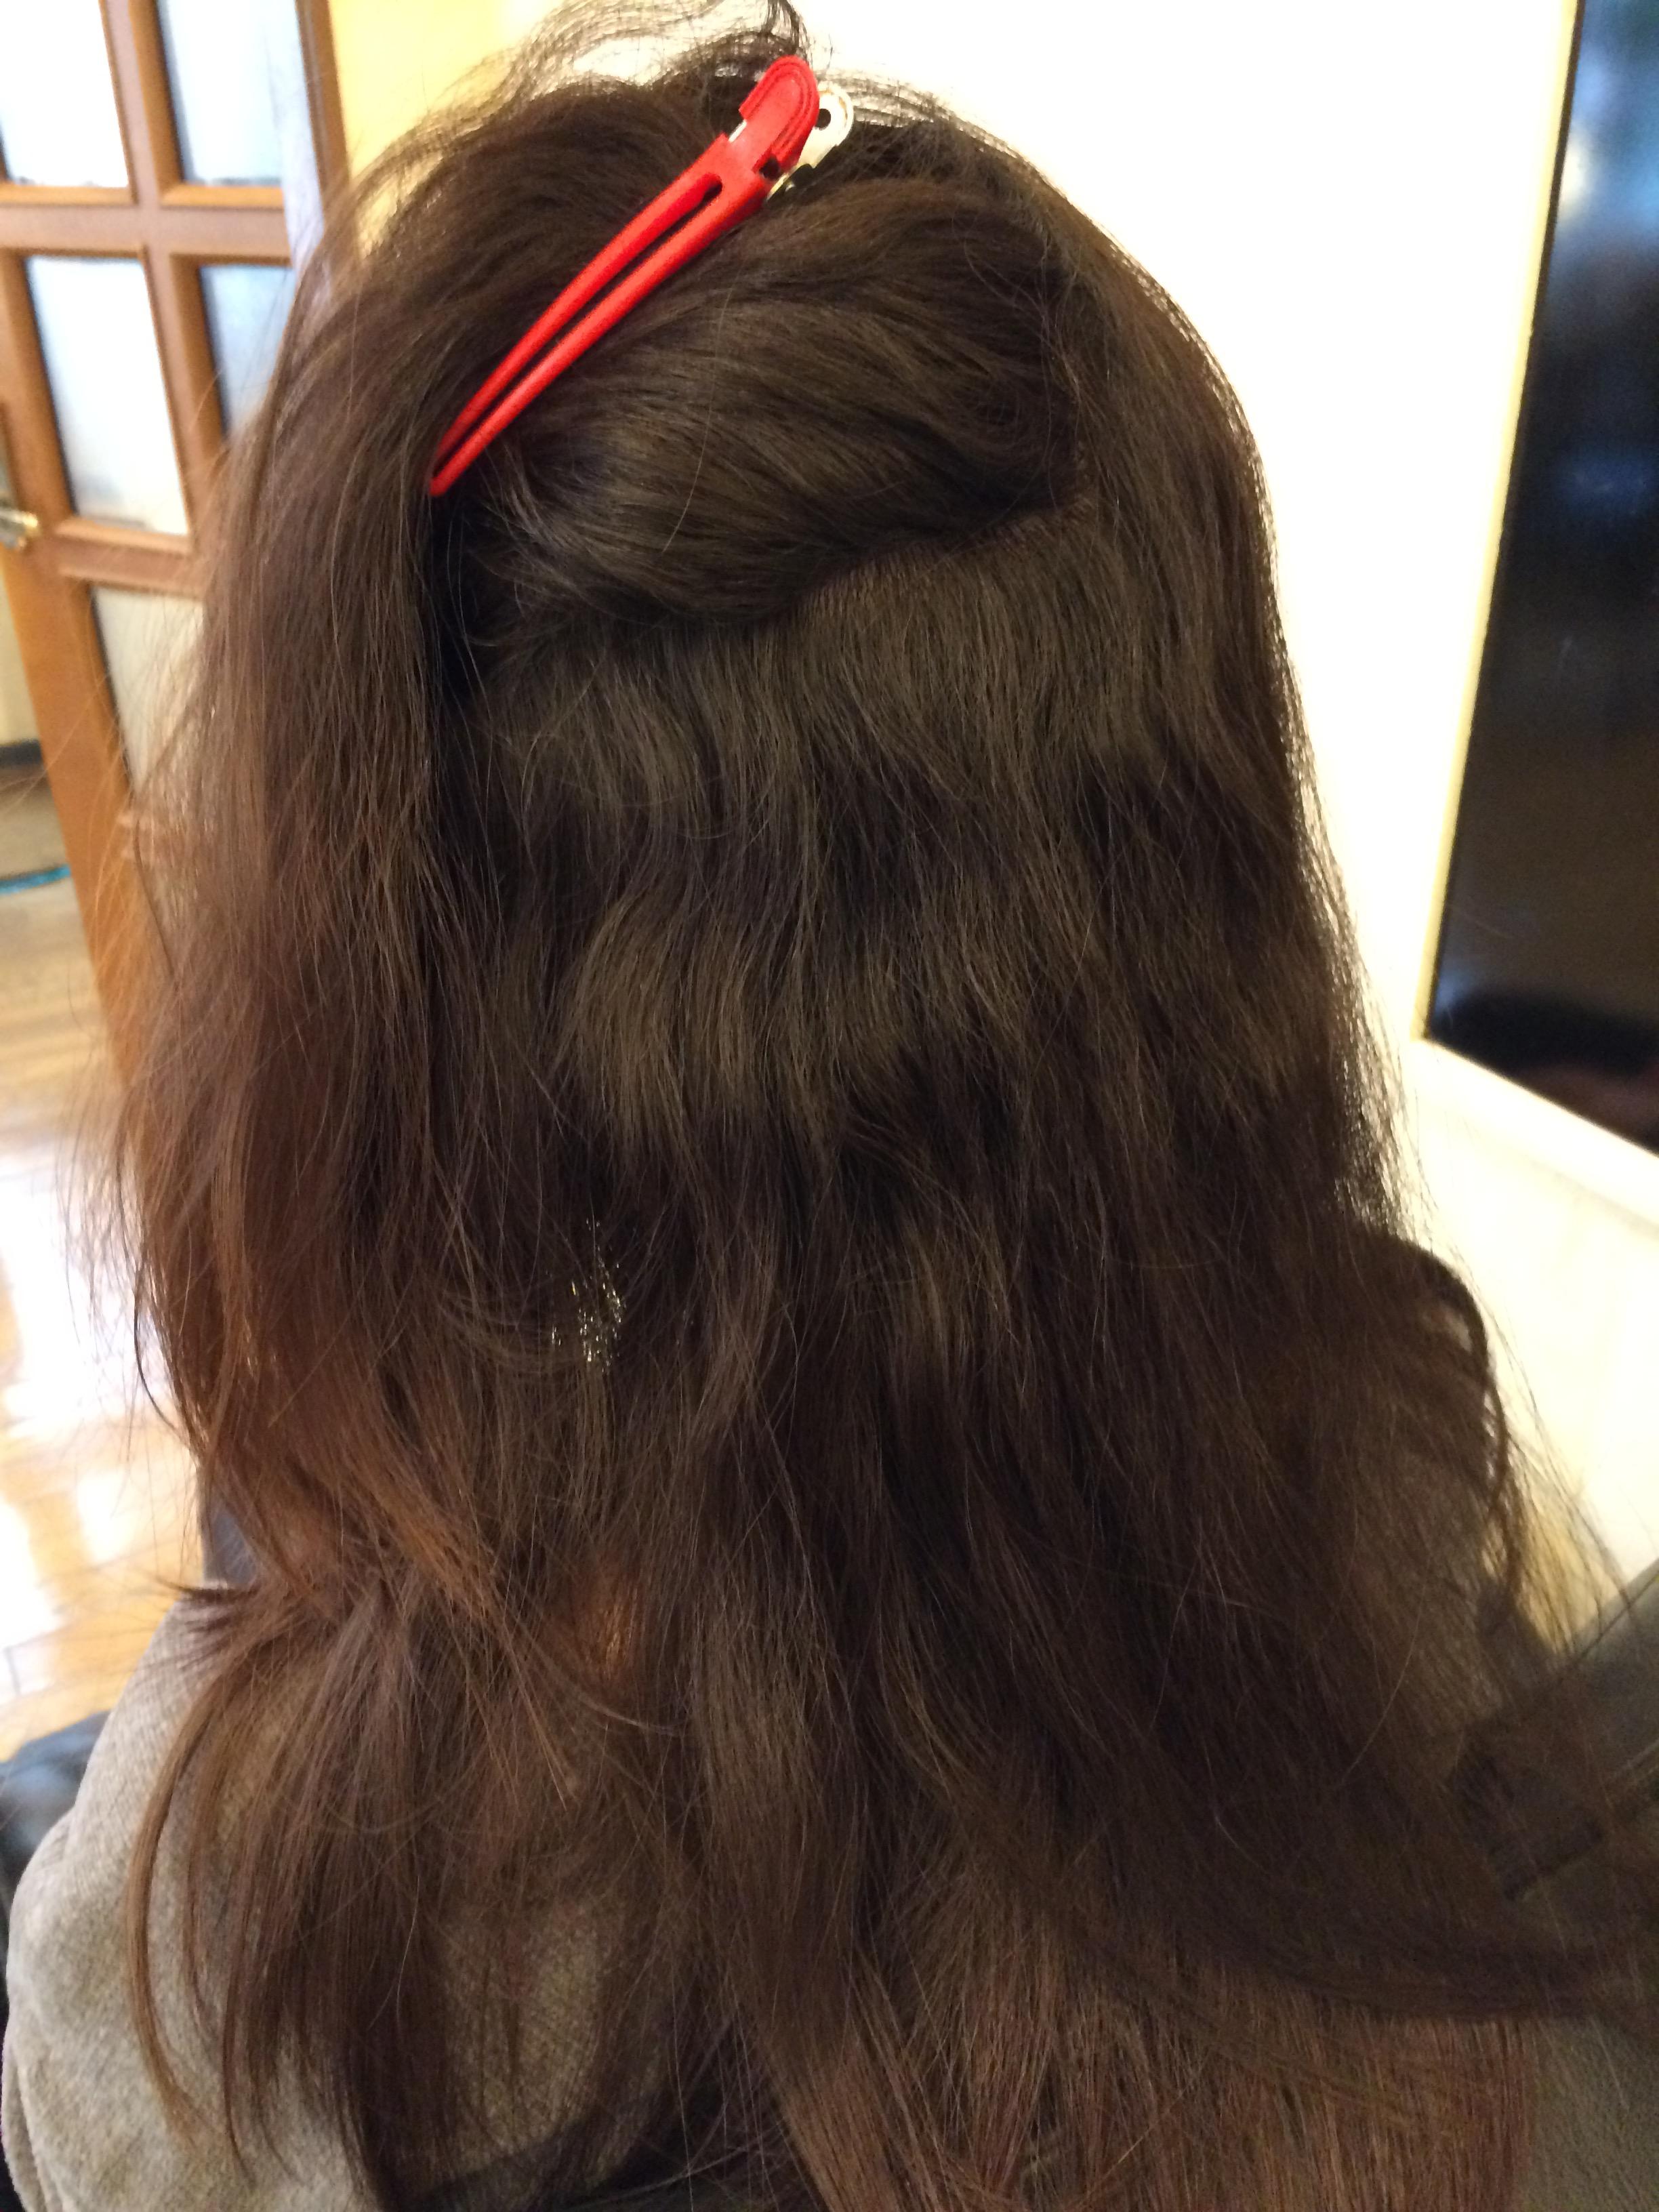 波状毛・縮毛・捻転毛・連珠(連球)毛・損傷性波状毛 | 縮毛矯正専門 ...